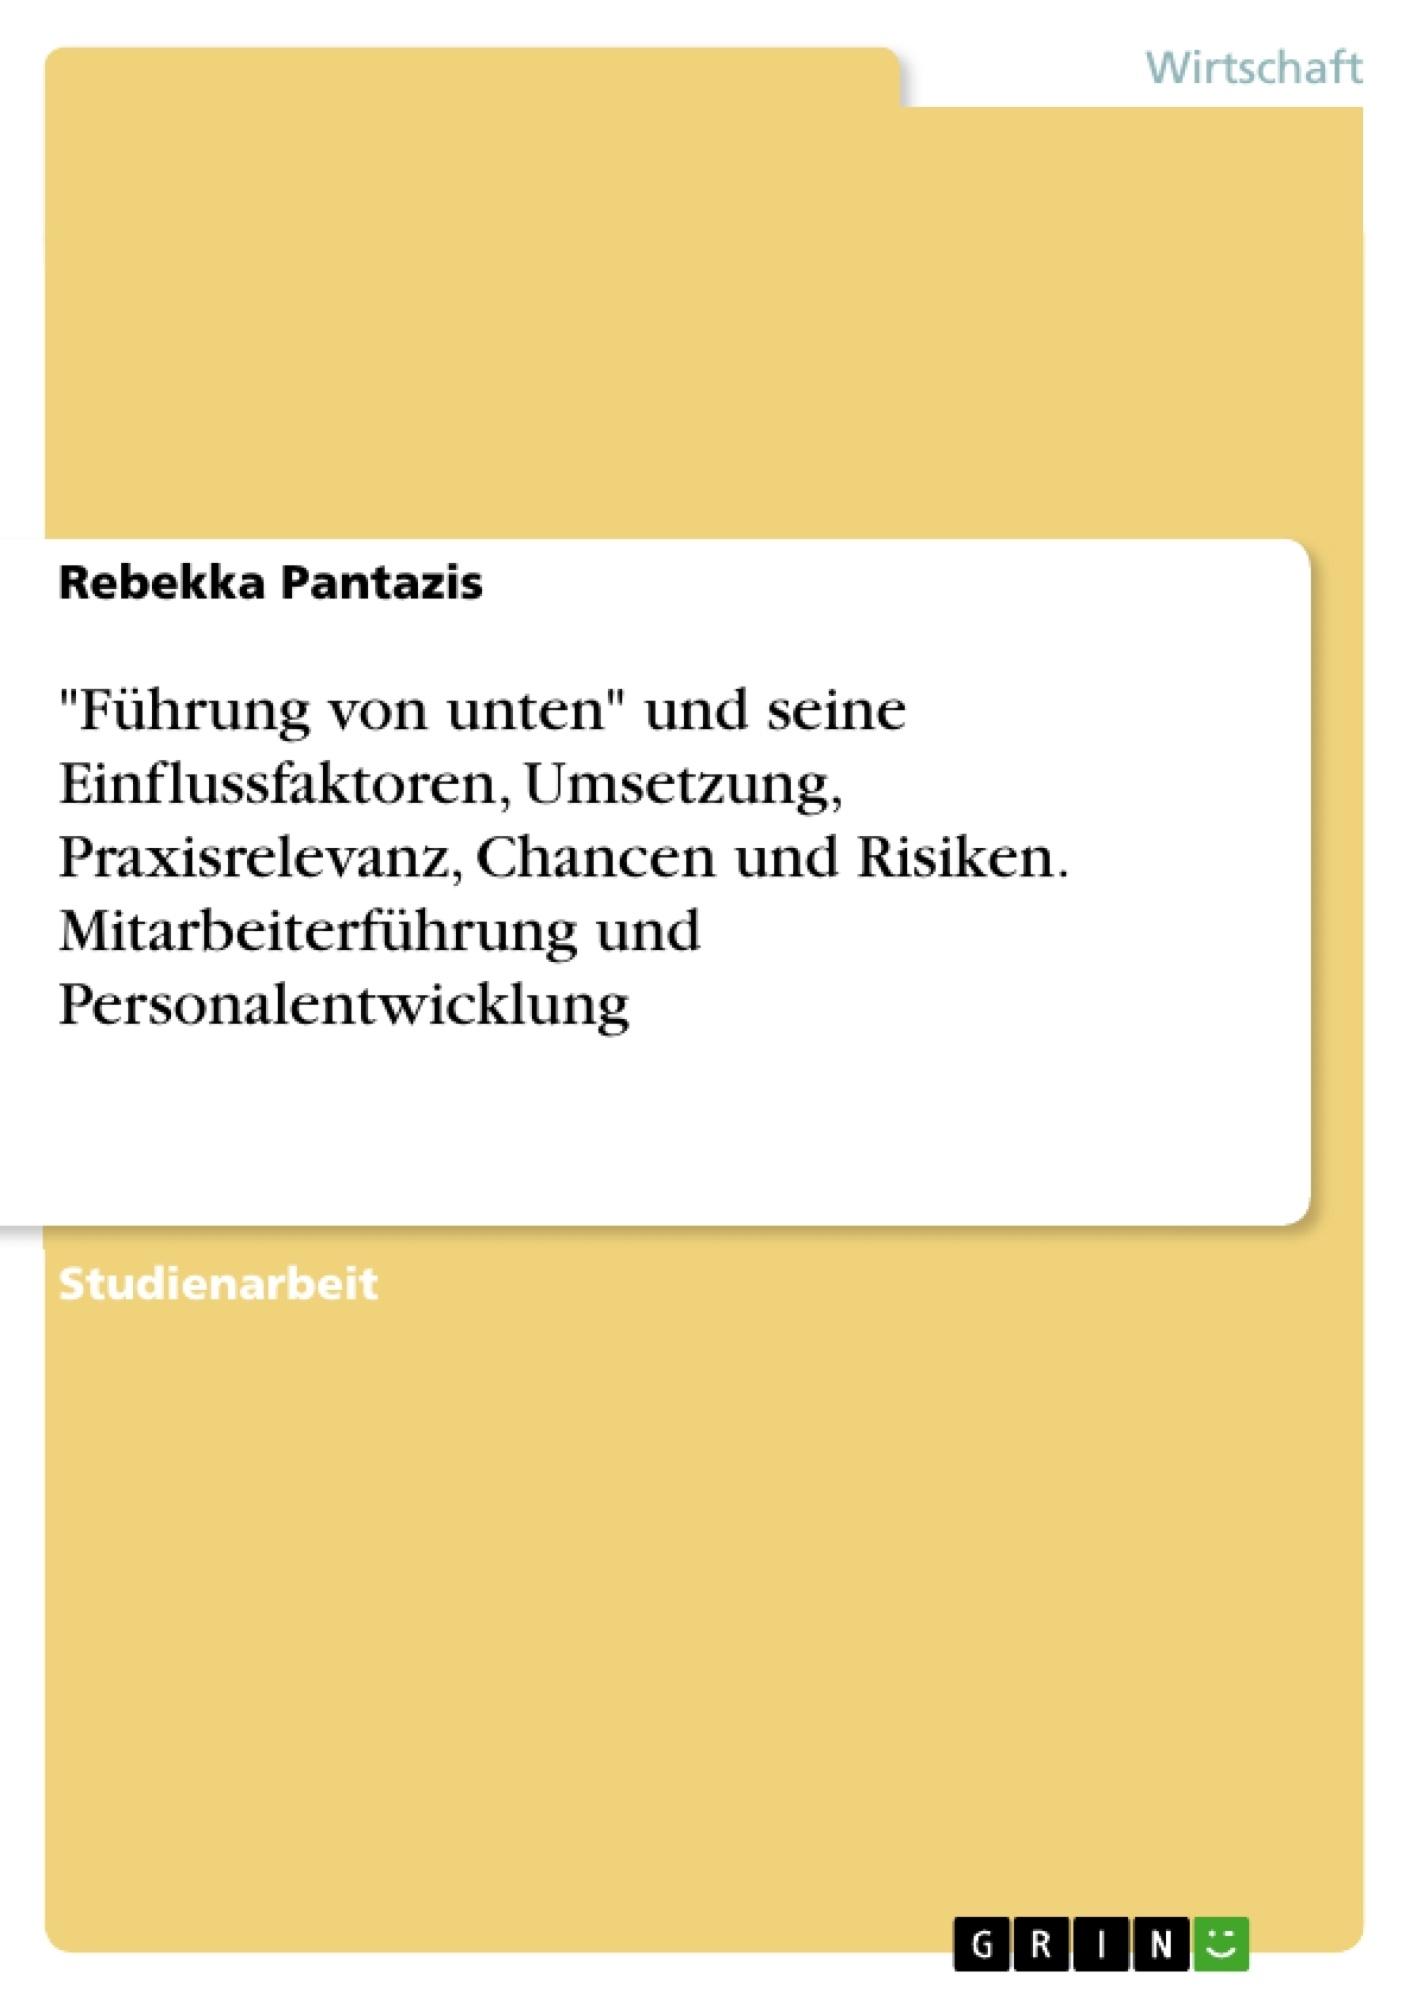 """Titel: """"Führung von unten"""" und seine Einflussfaktoren, Umsetzung, Praxisrelevanz, Chancen und Risiken. Mitarbeiterführung und Personalentwicklung"""